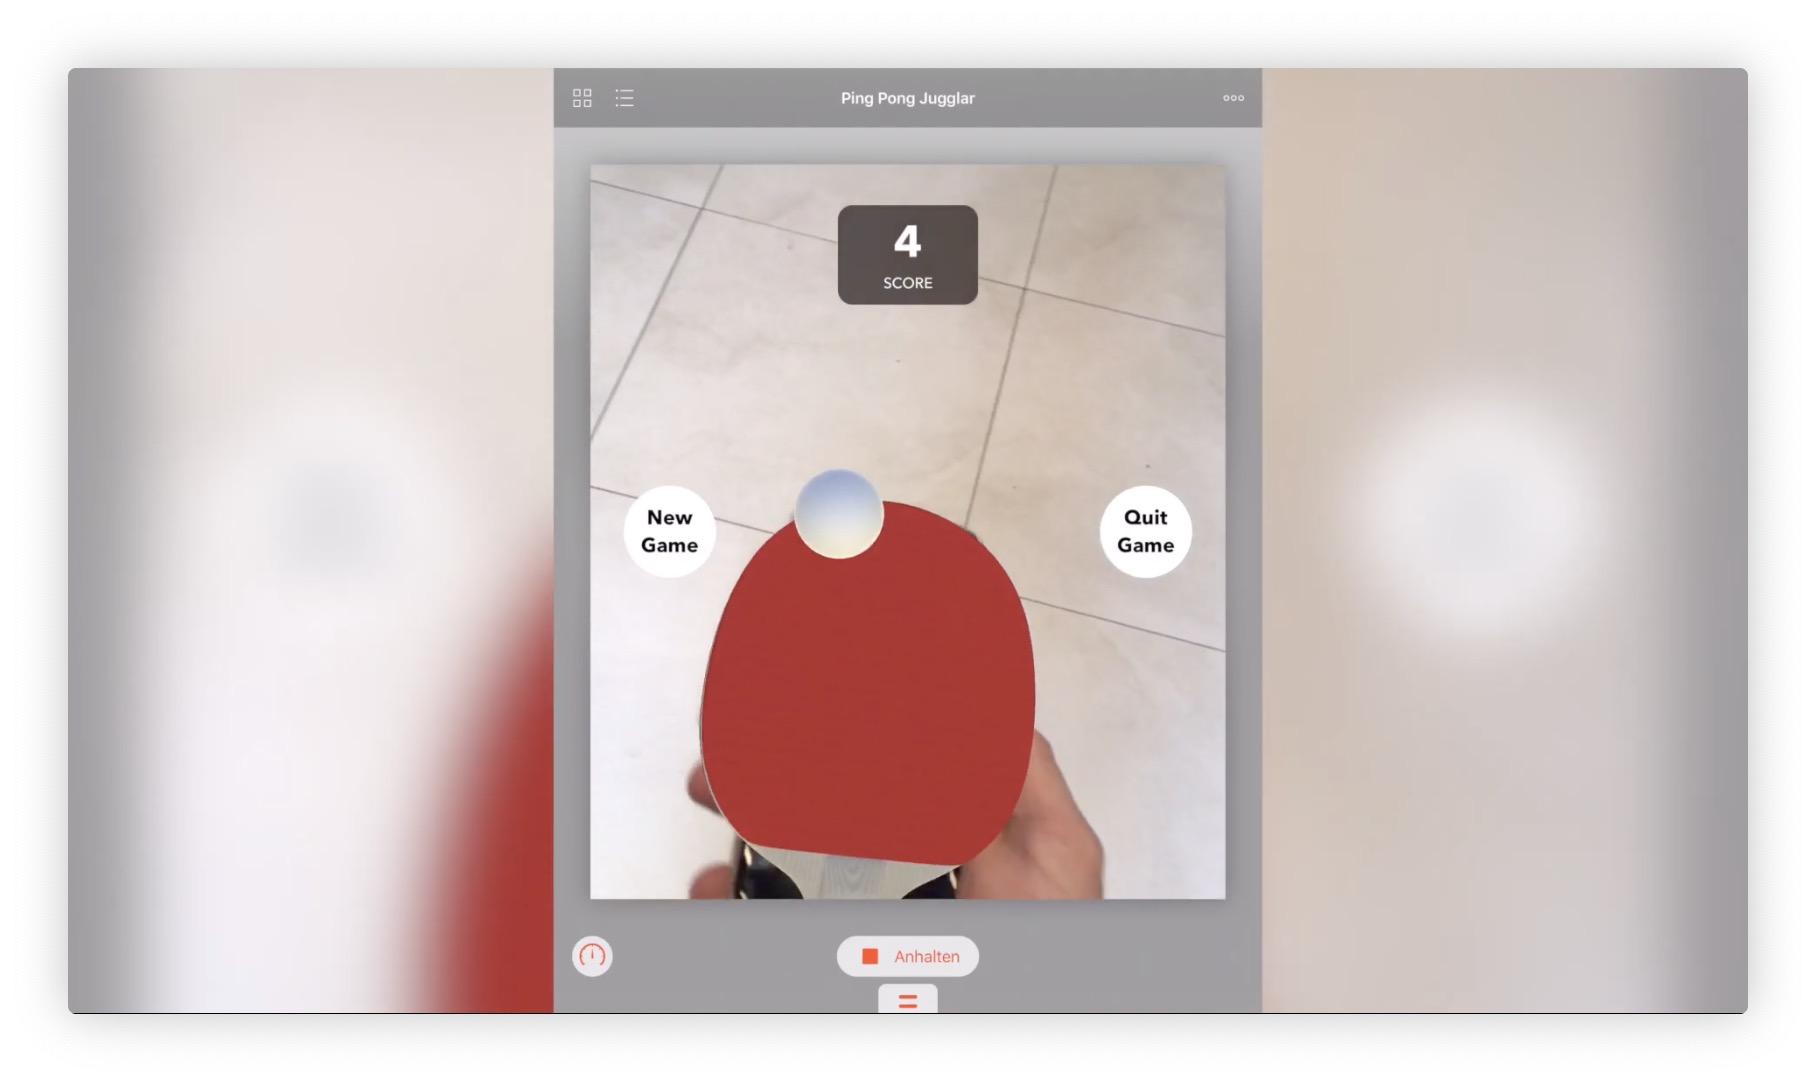 Vidéo : jongler avec une raquette et une balle de ping-pong virtuelles, c'est possible avec ARkit 1